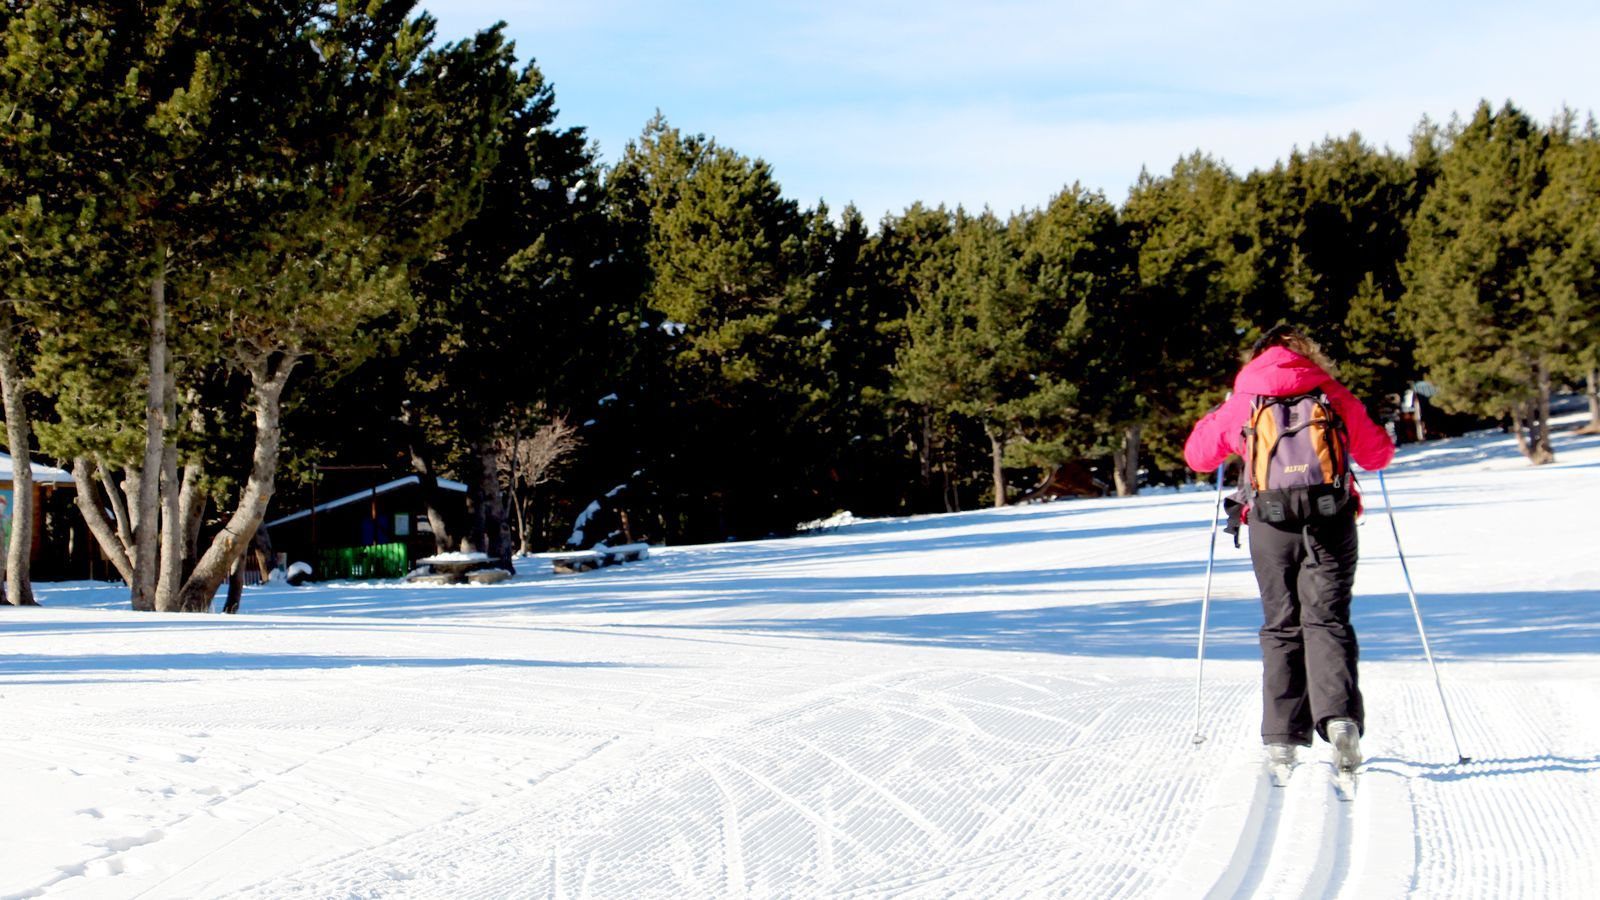 Les activitats de neu han estat les de més acceptació al parc. / C. G. (ANA)